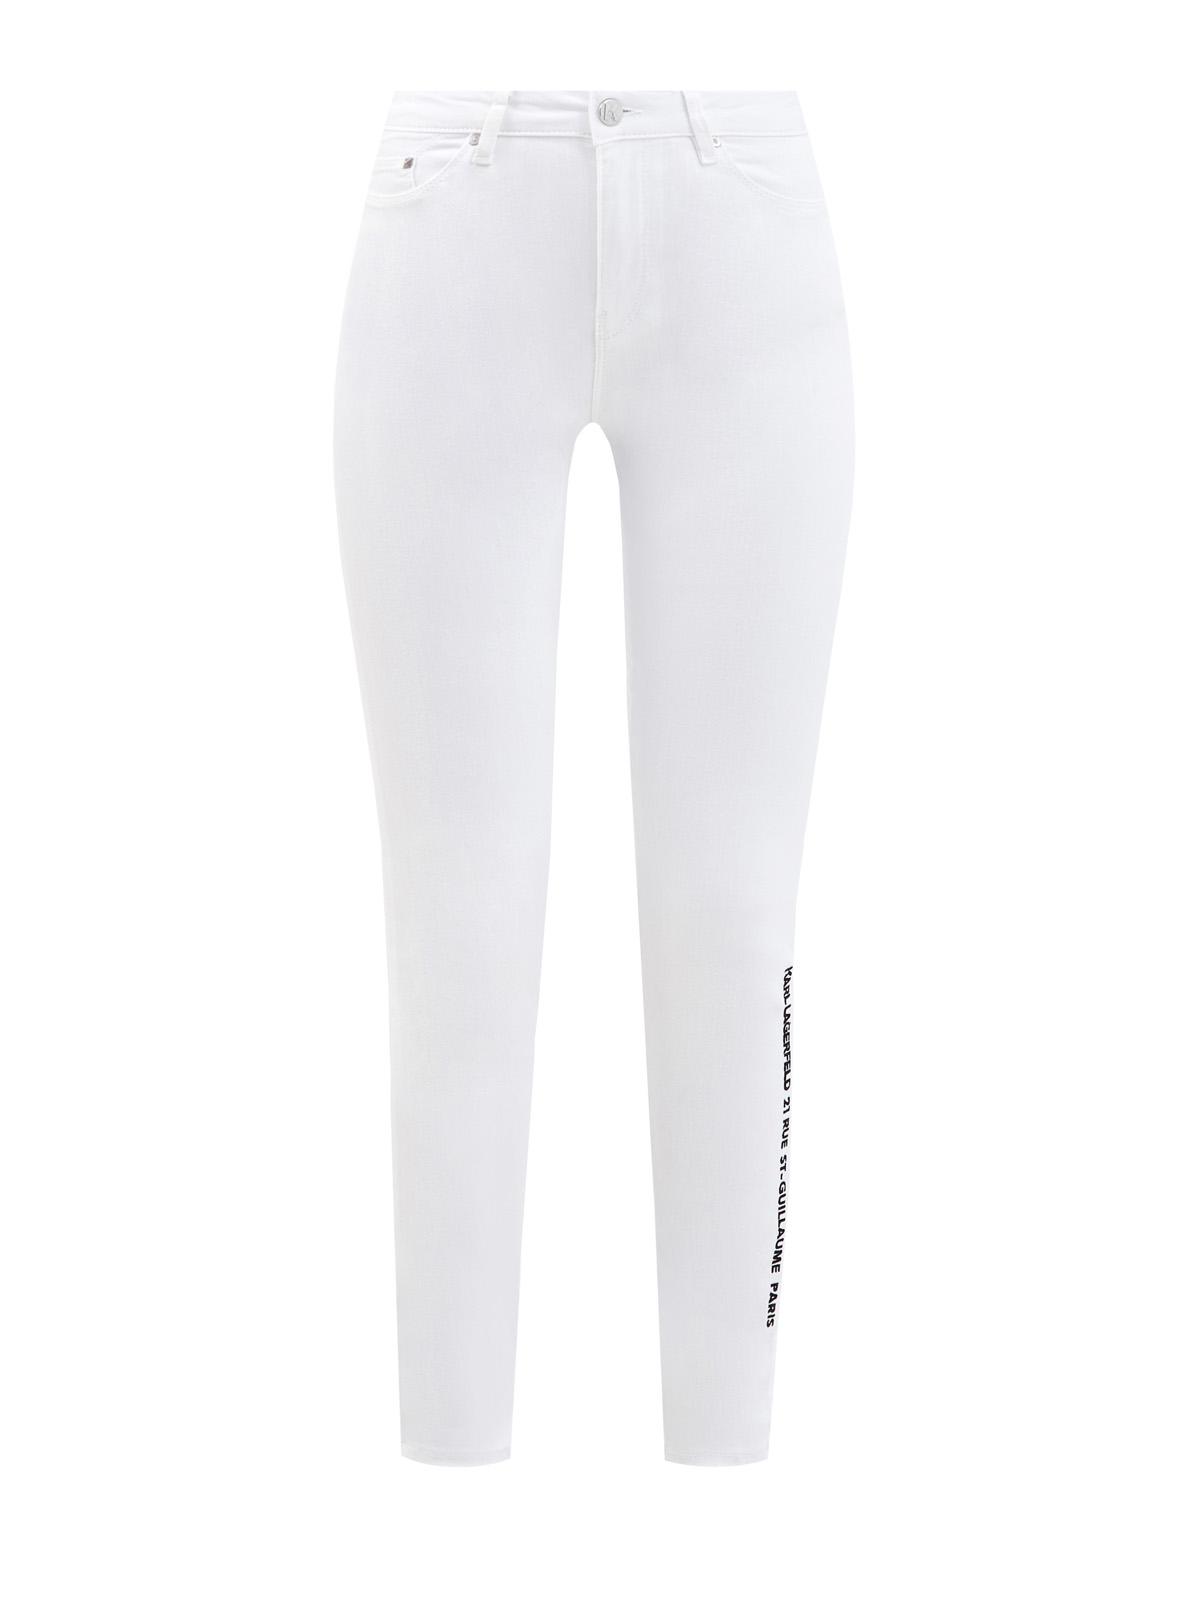 Белые джинсы-skinny с принтом Rue St-Guillaume